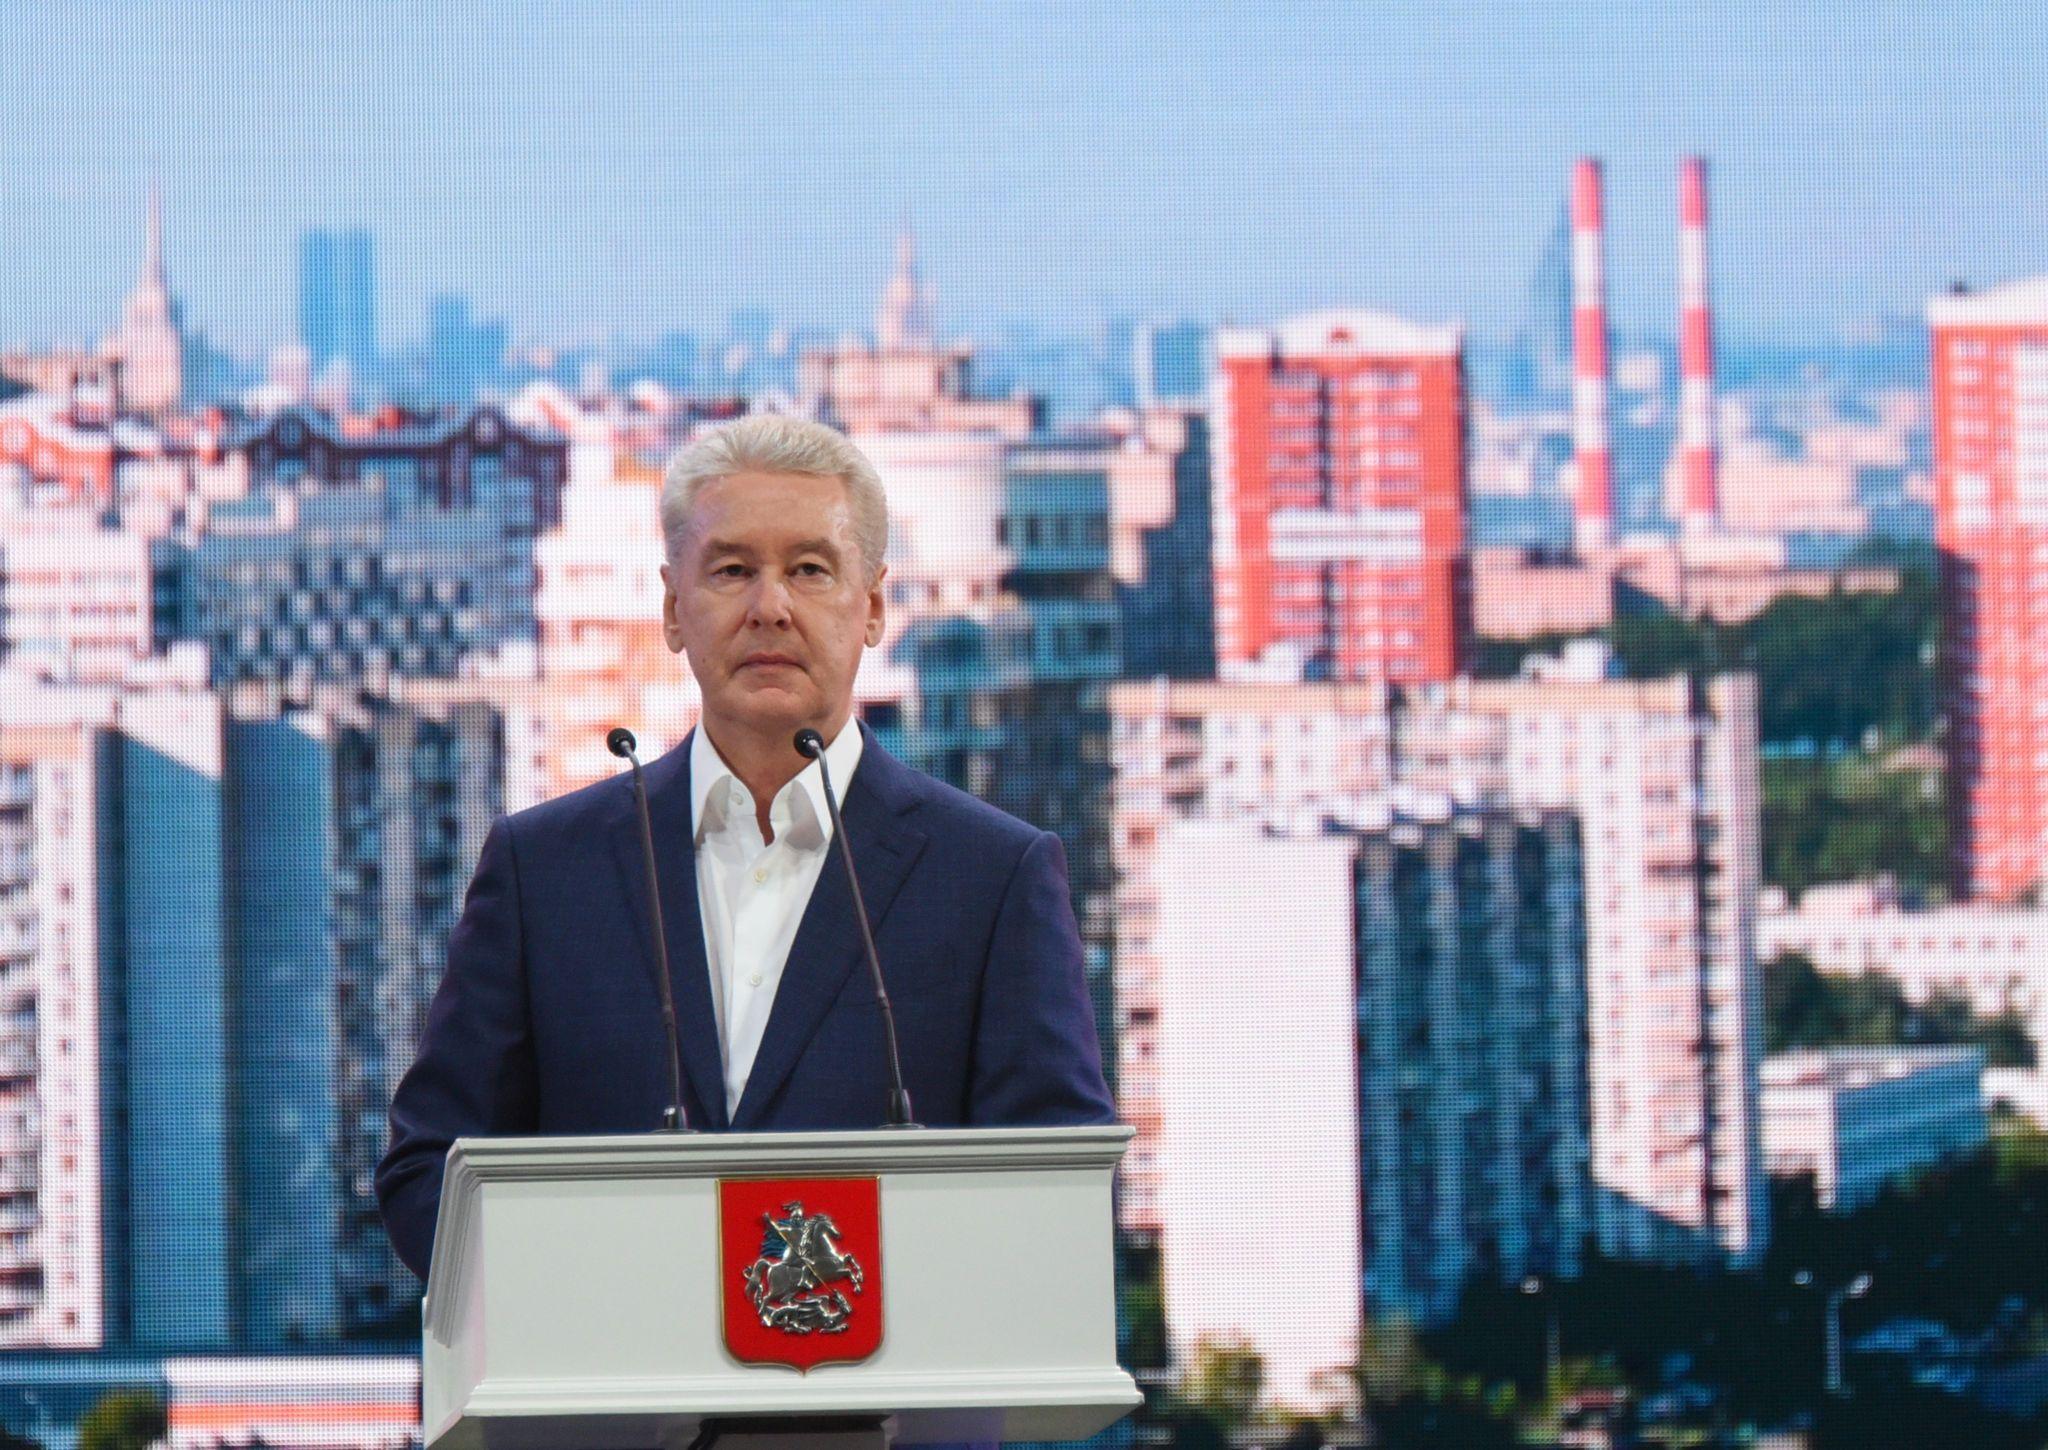 Сергей Собянин рассказал, когда протяженность метро достигнет 600 километров